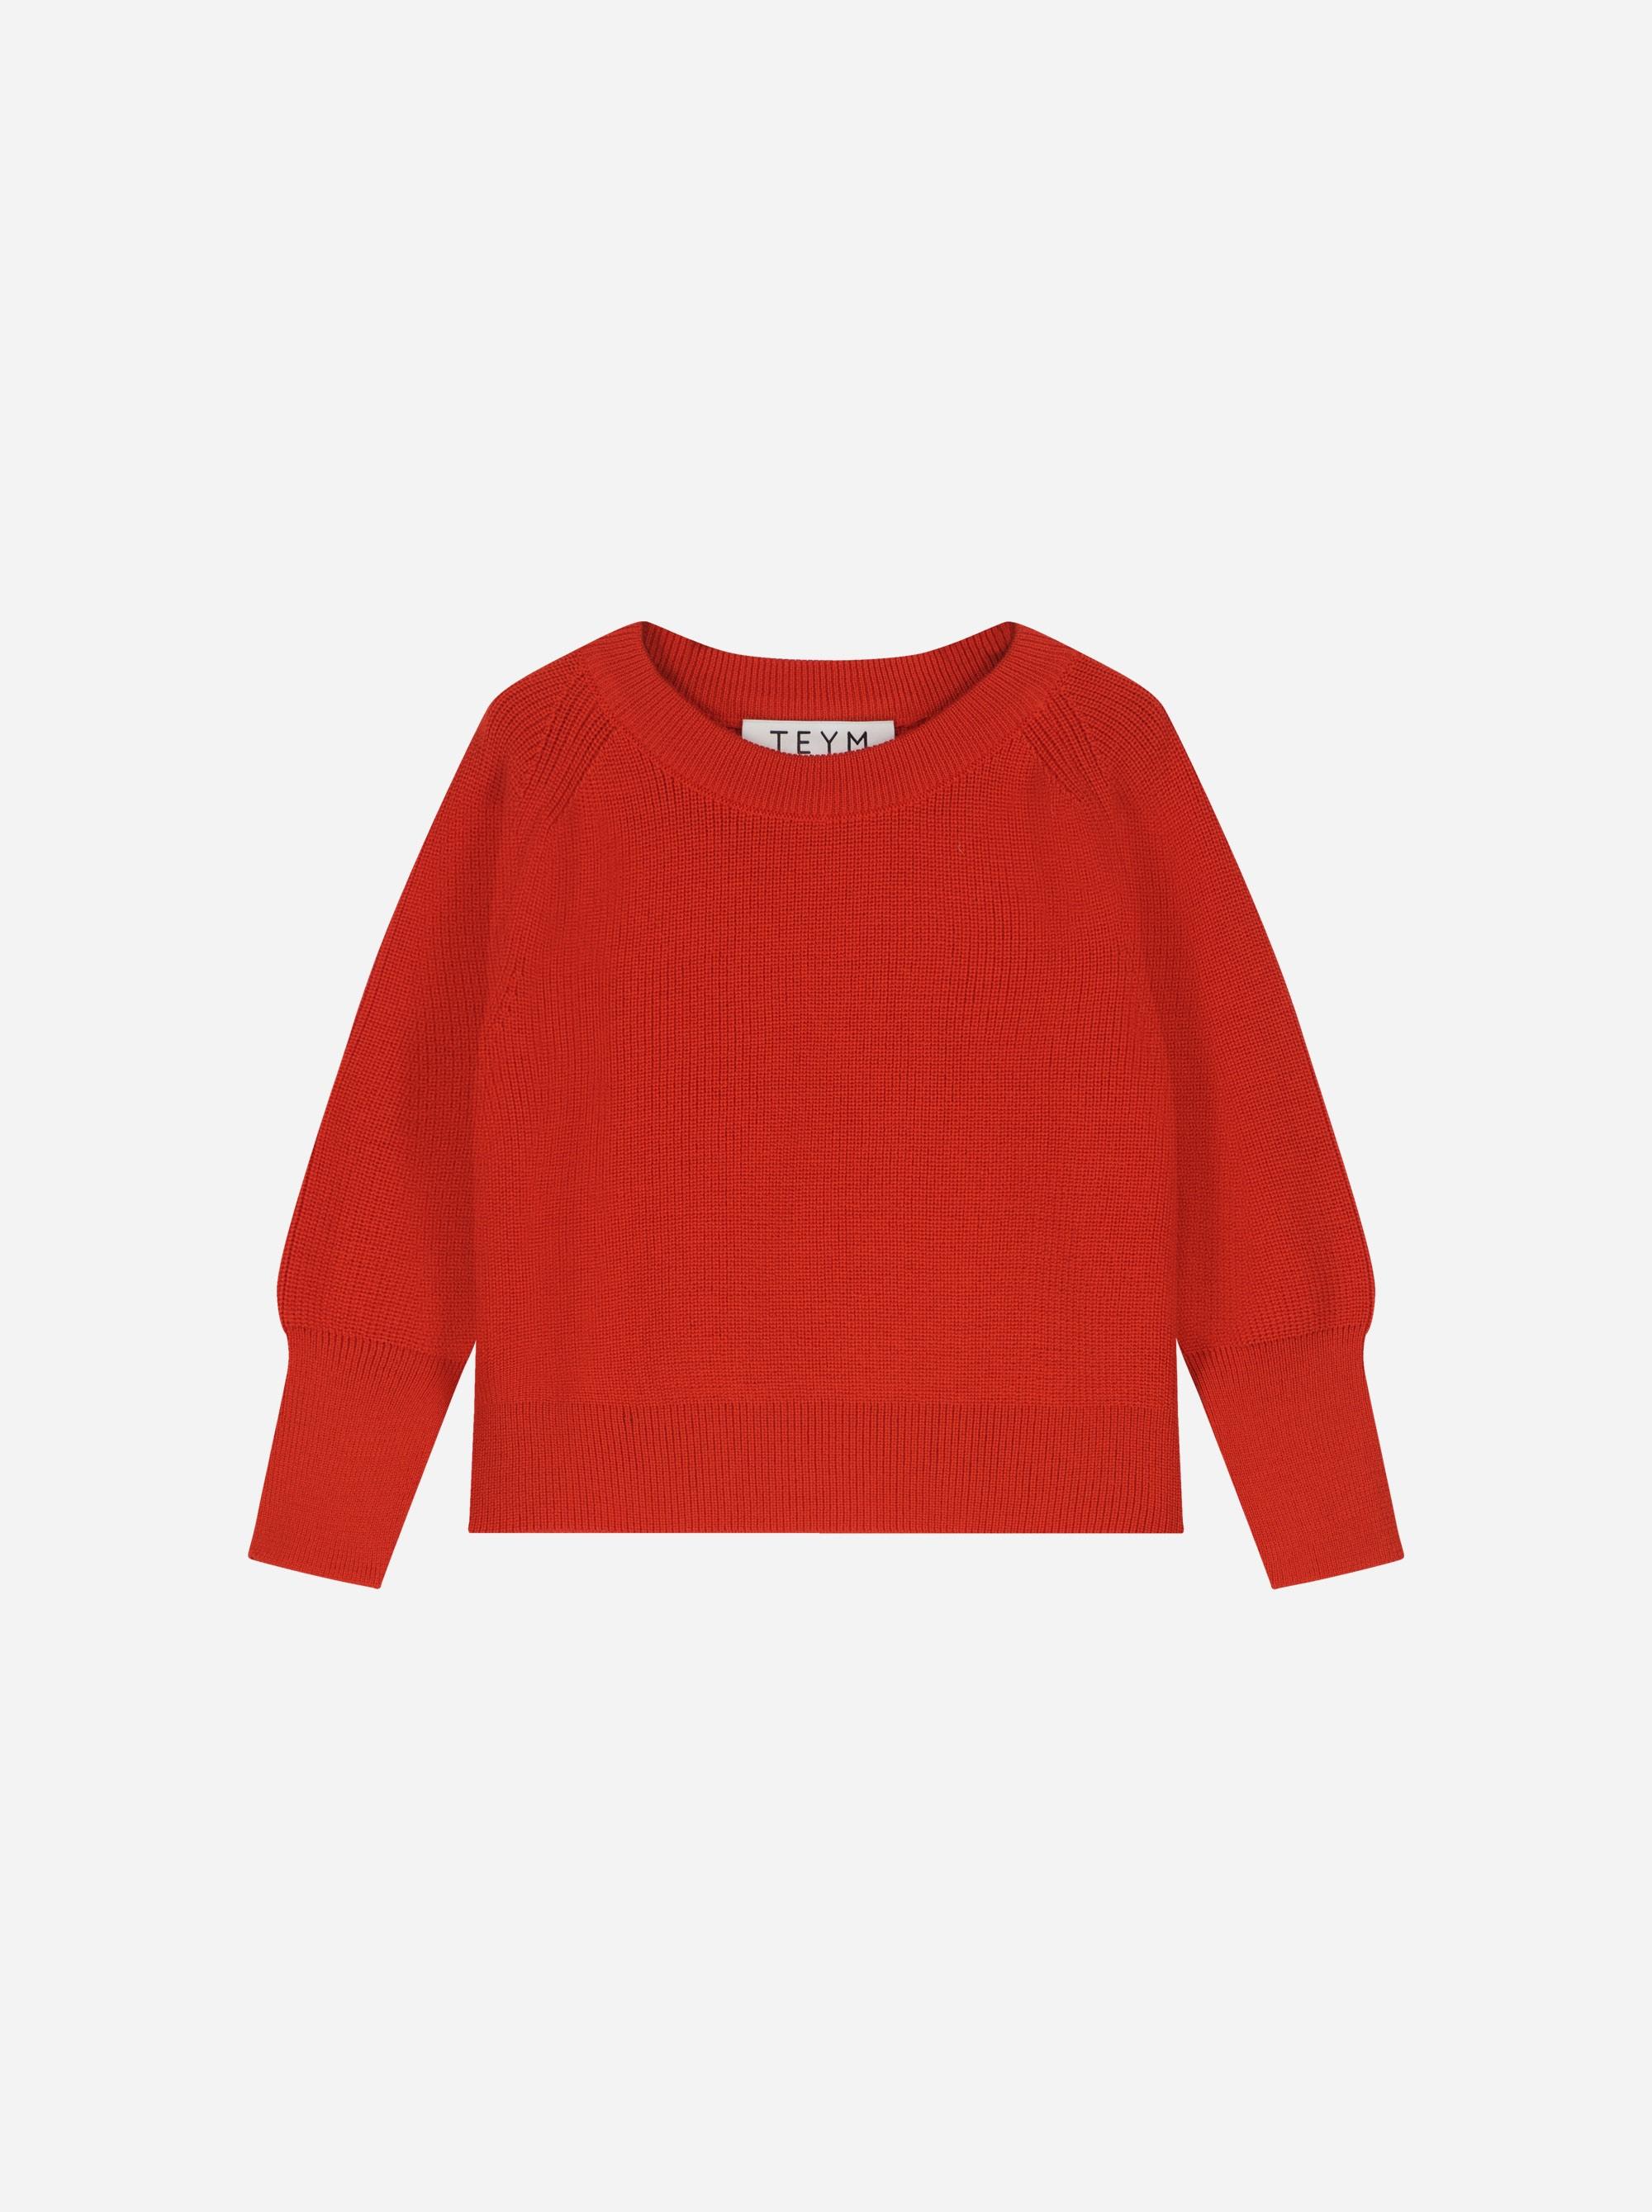 Teym_Merino Sweater_Red_Kids_front_1